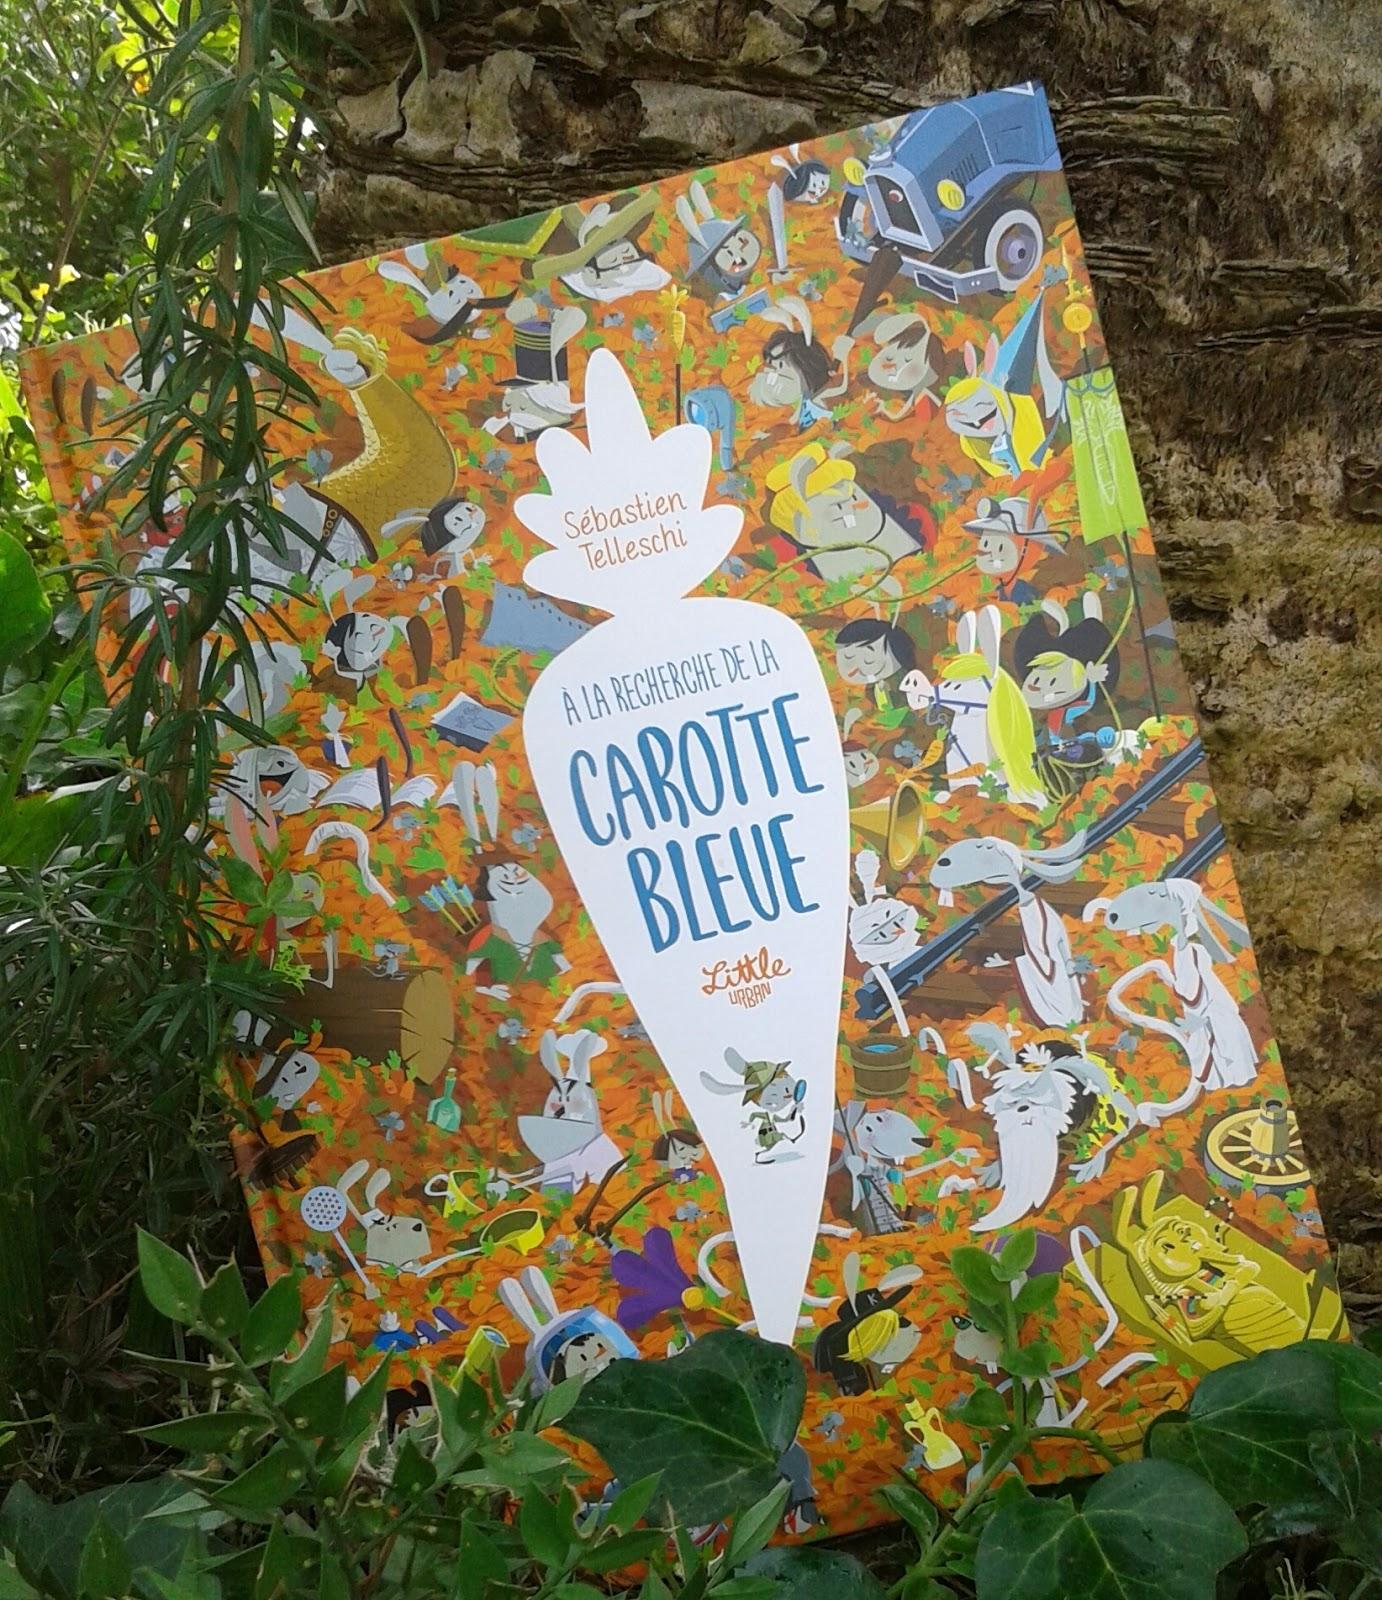 Carotte Bleue se rapportant à marque-pages, buvard, pense-bêtes & cie : octobre 2016